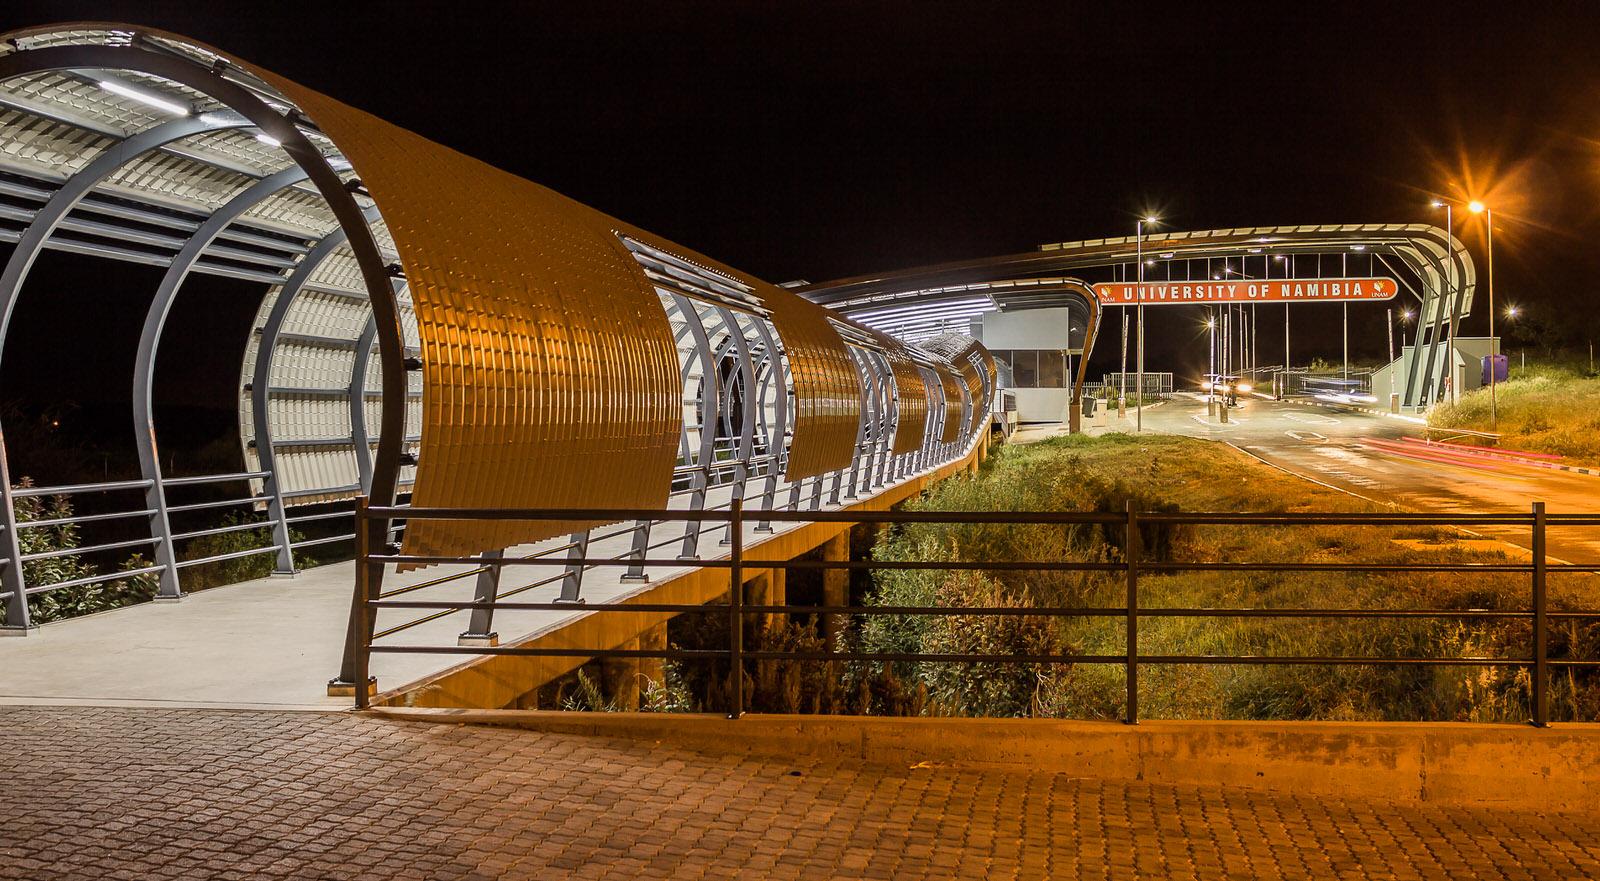 UNAM_Gate-0465